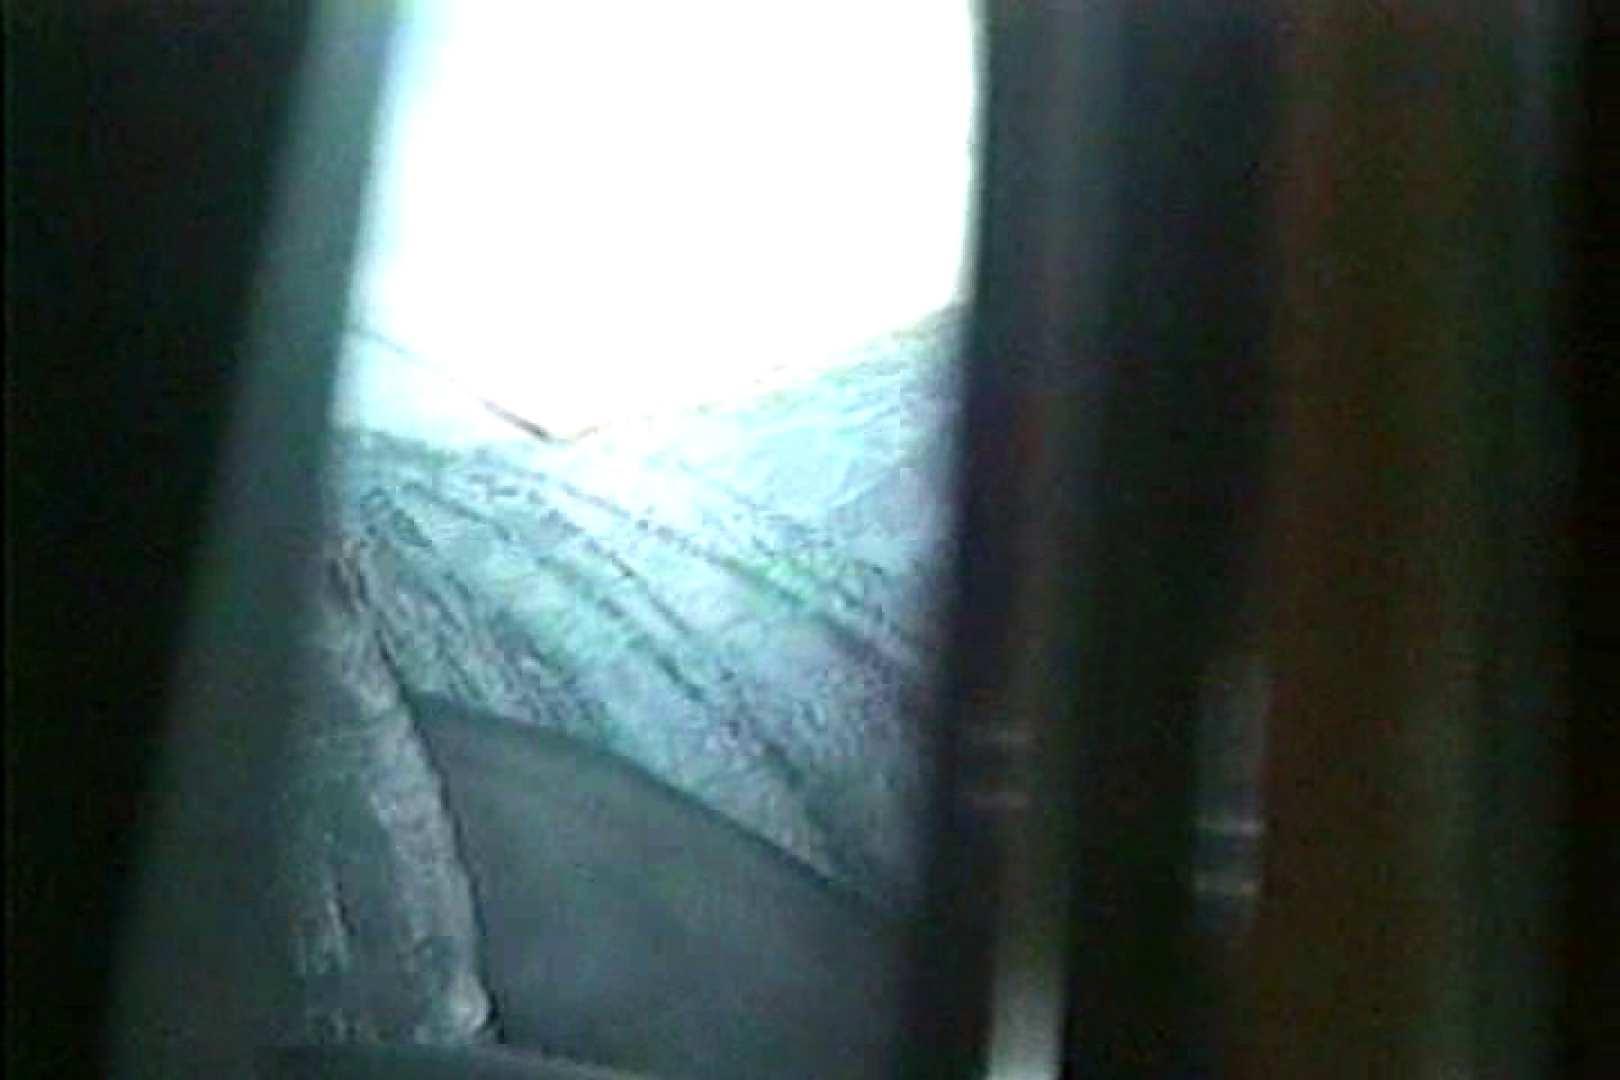 車の中はラブホテル 無修正版  Vol.6 ホテル ワレメ動画紹介 89画像 38